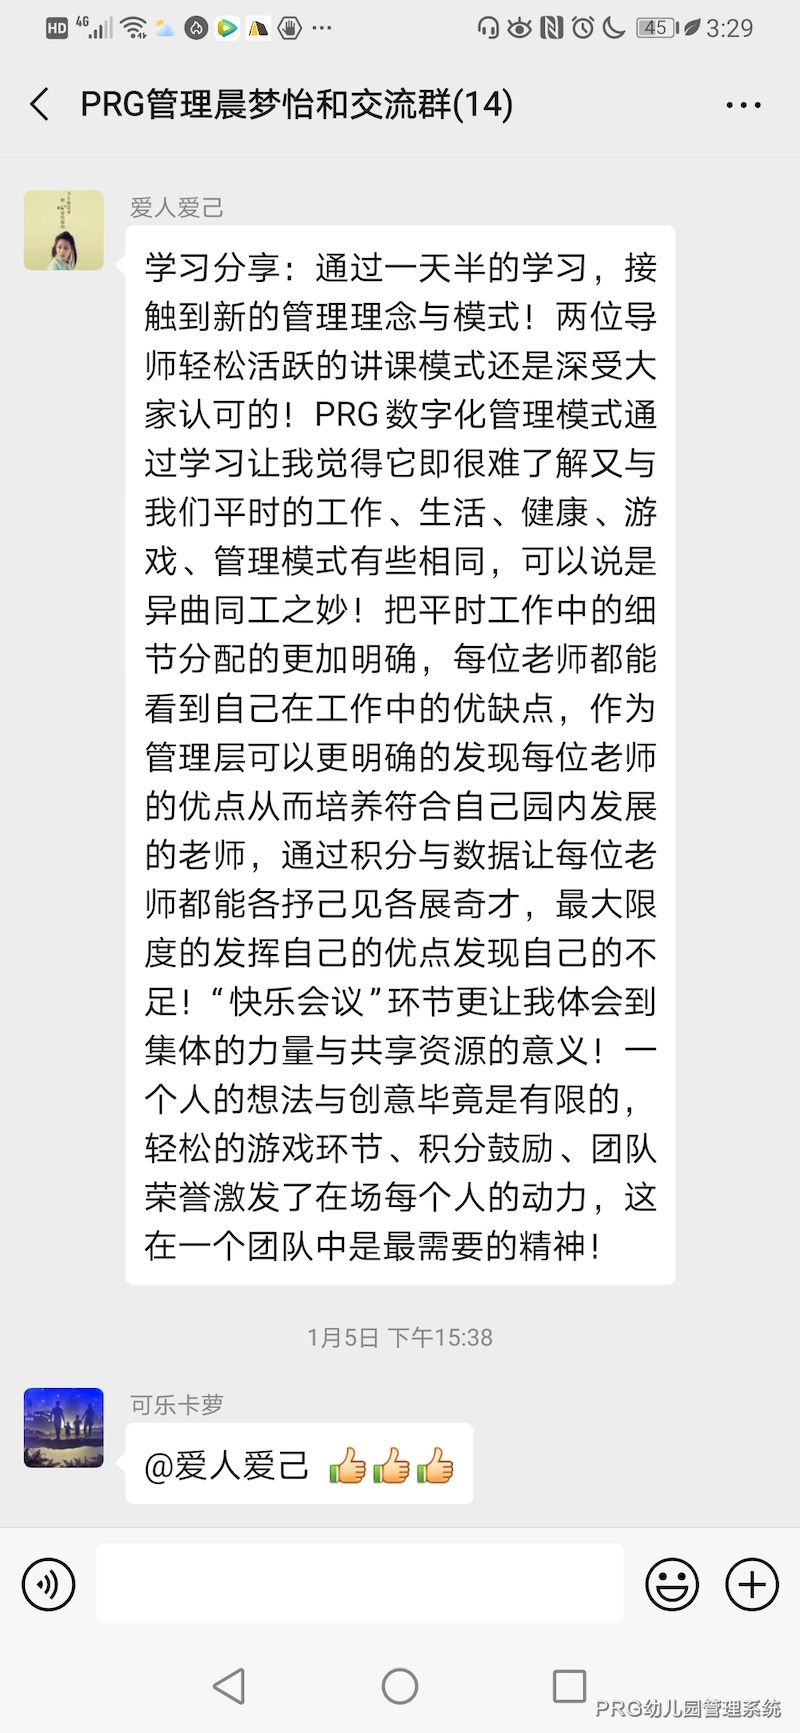 晨梦、怡和幼儿园PRG<a href=https://www.xiaoxianprg.com/ target=_blank class=infotextkey>幼儿园管理系统</a>学习感言分享2